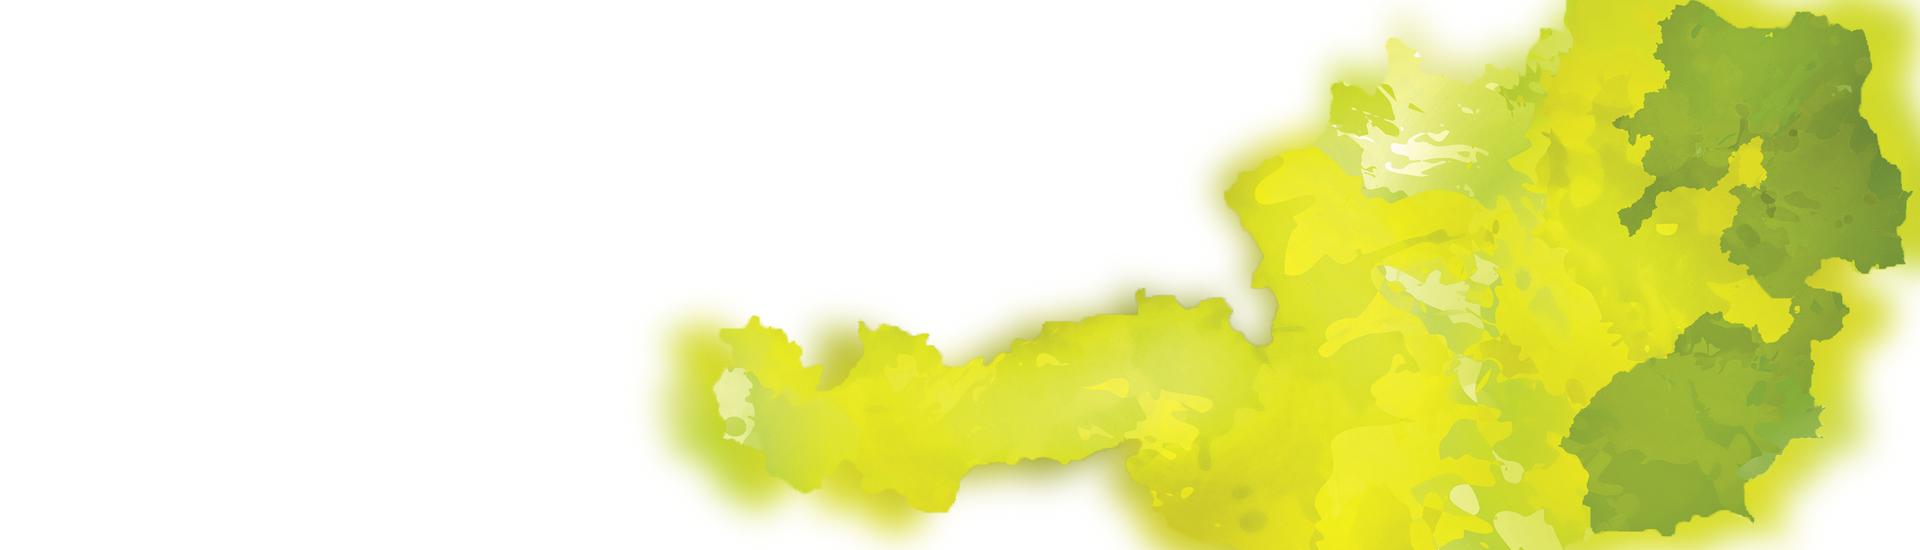 Weine - ALLE Vinorama & friends-Weine -20% 07-08/2017 - Slider